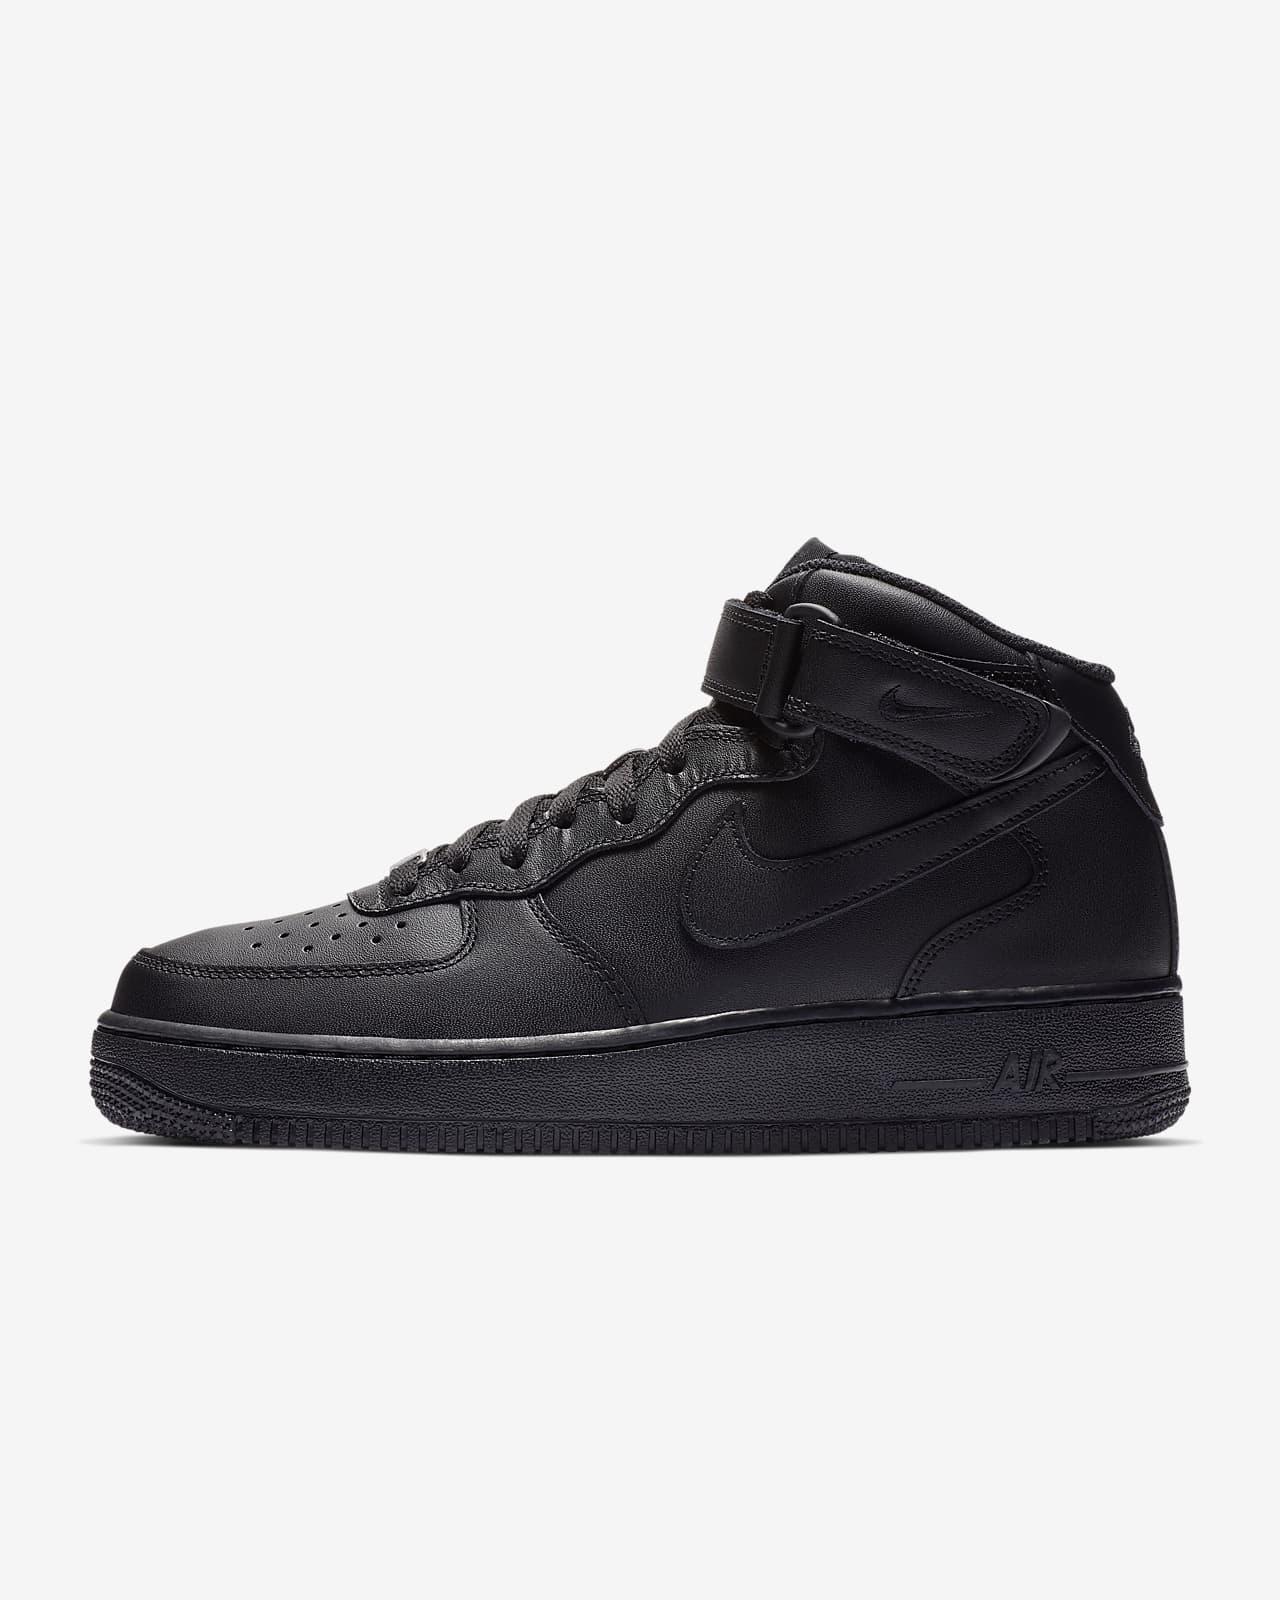 Nike Air Force 1 Mid '07 Erkek Ayakkabısı